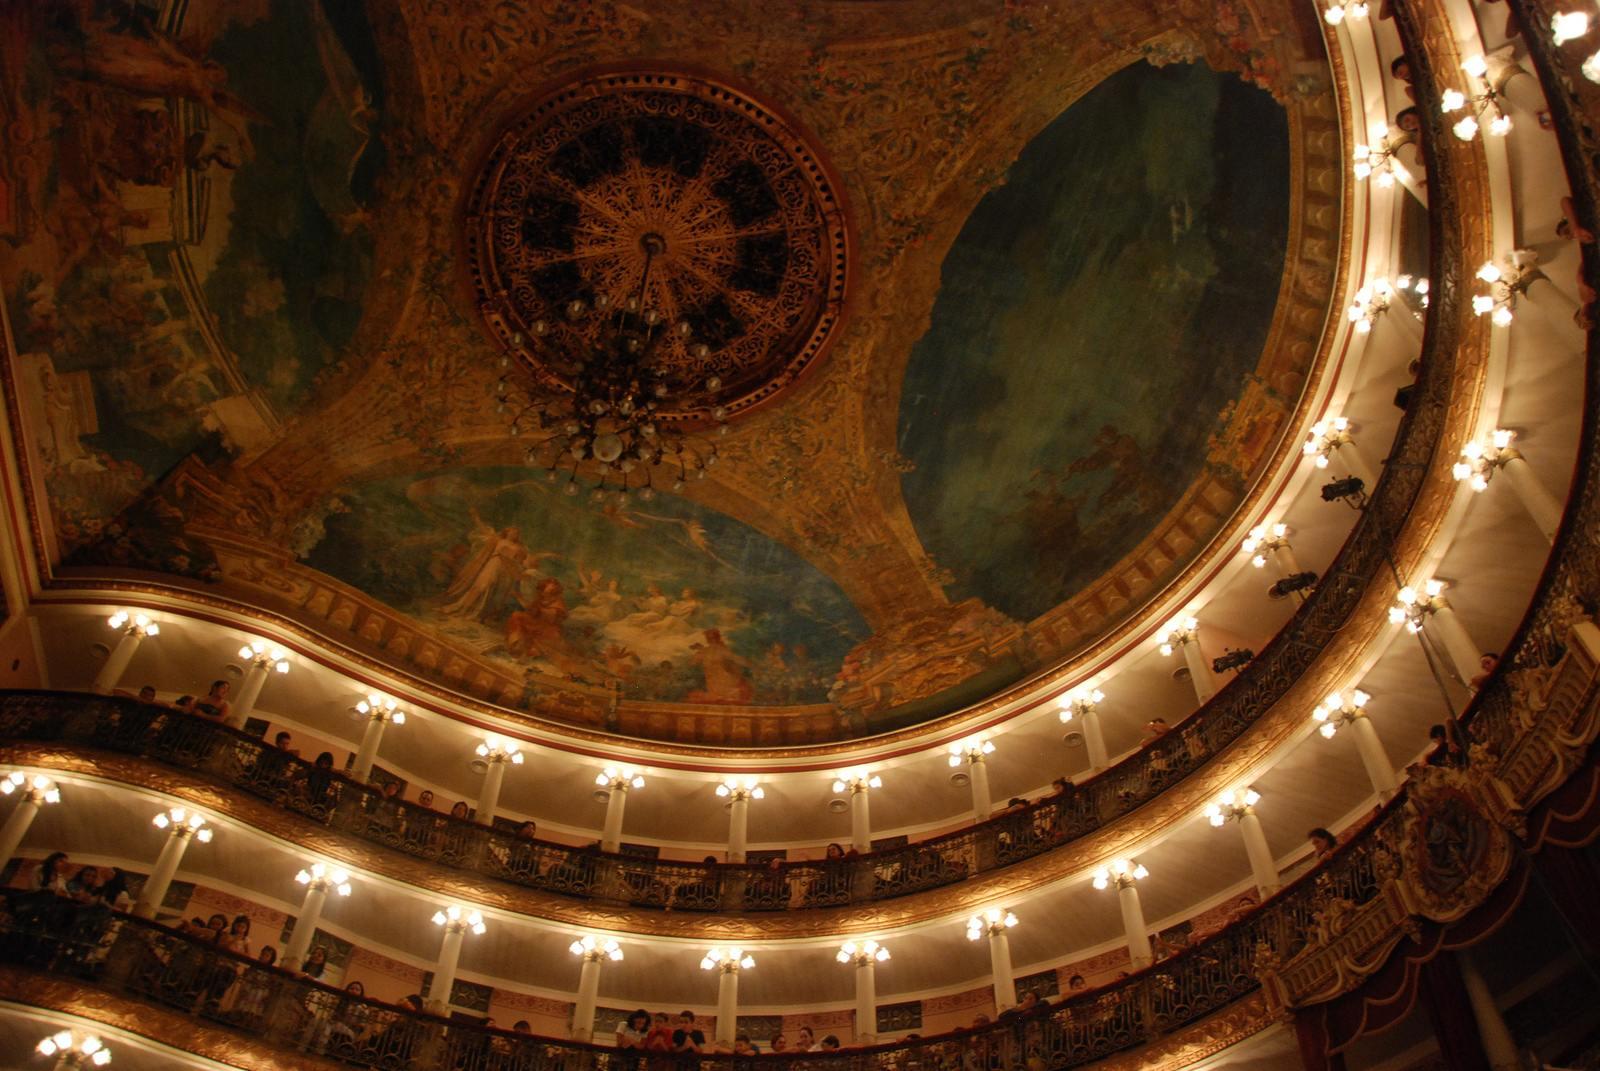 teatro amazonas3 Teatro Amazonas   Opera House in the Heart of Amazonia